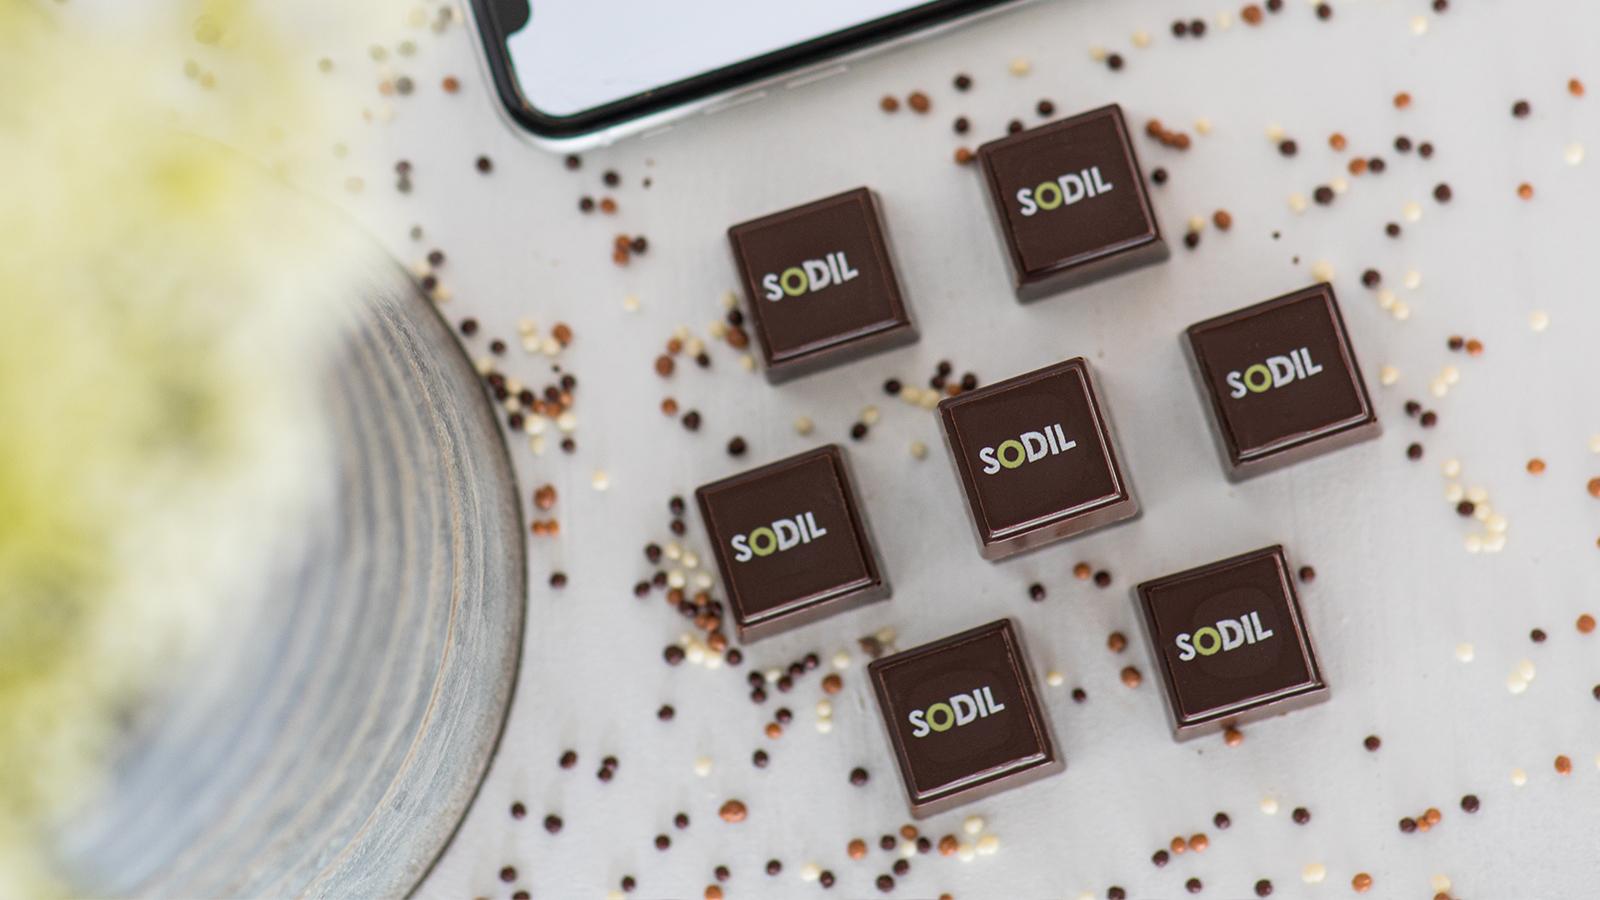 ChocoChocolat_CadeauxCorpo_Banniere1600x900_SODIL